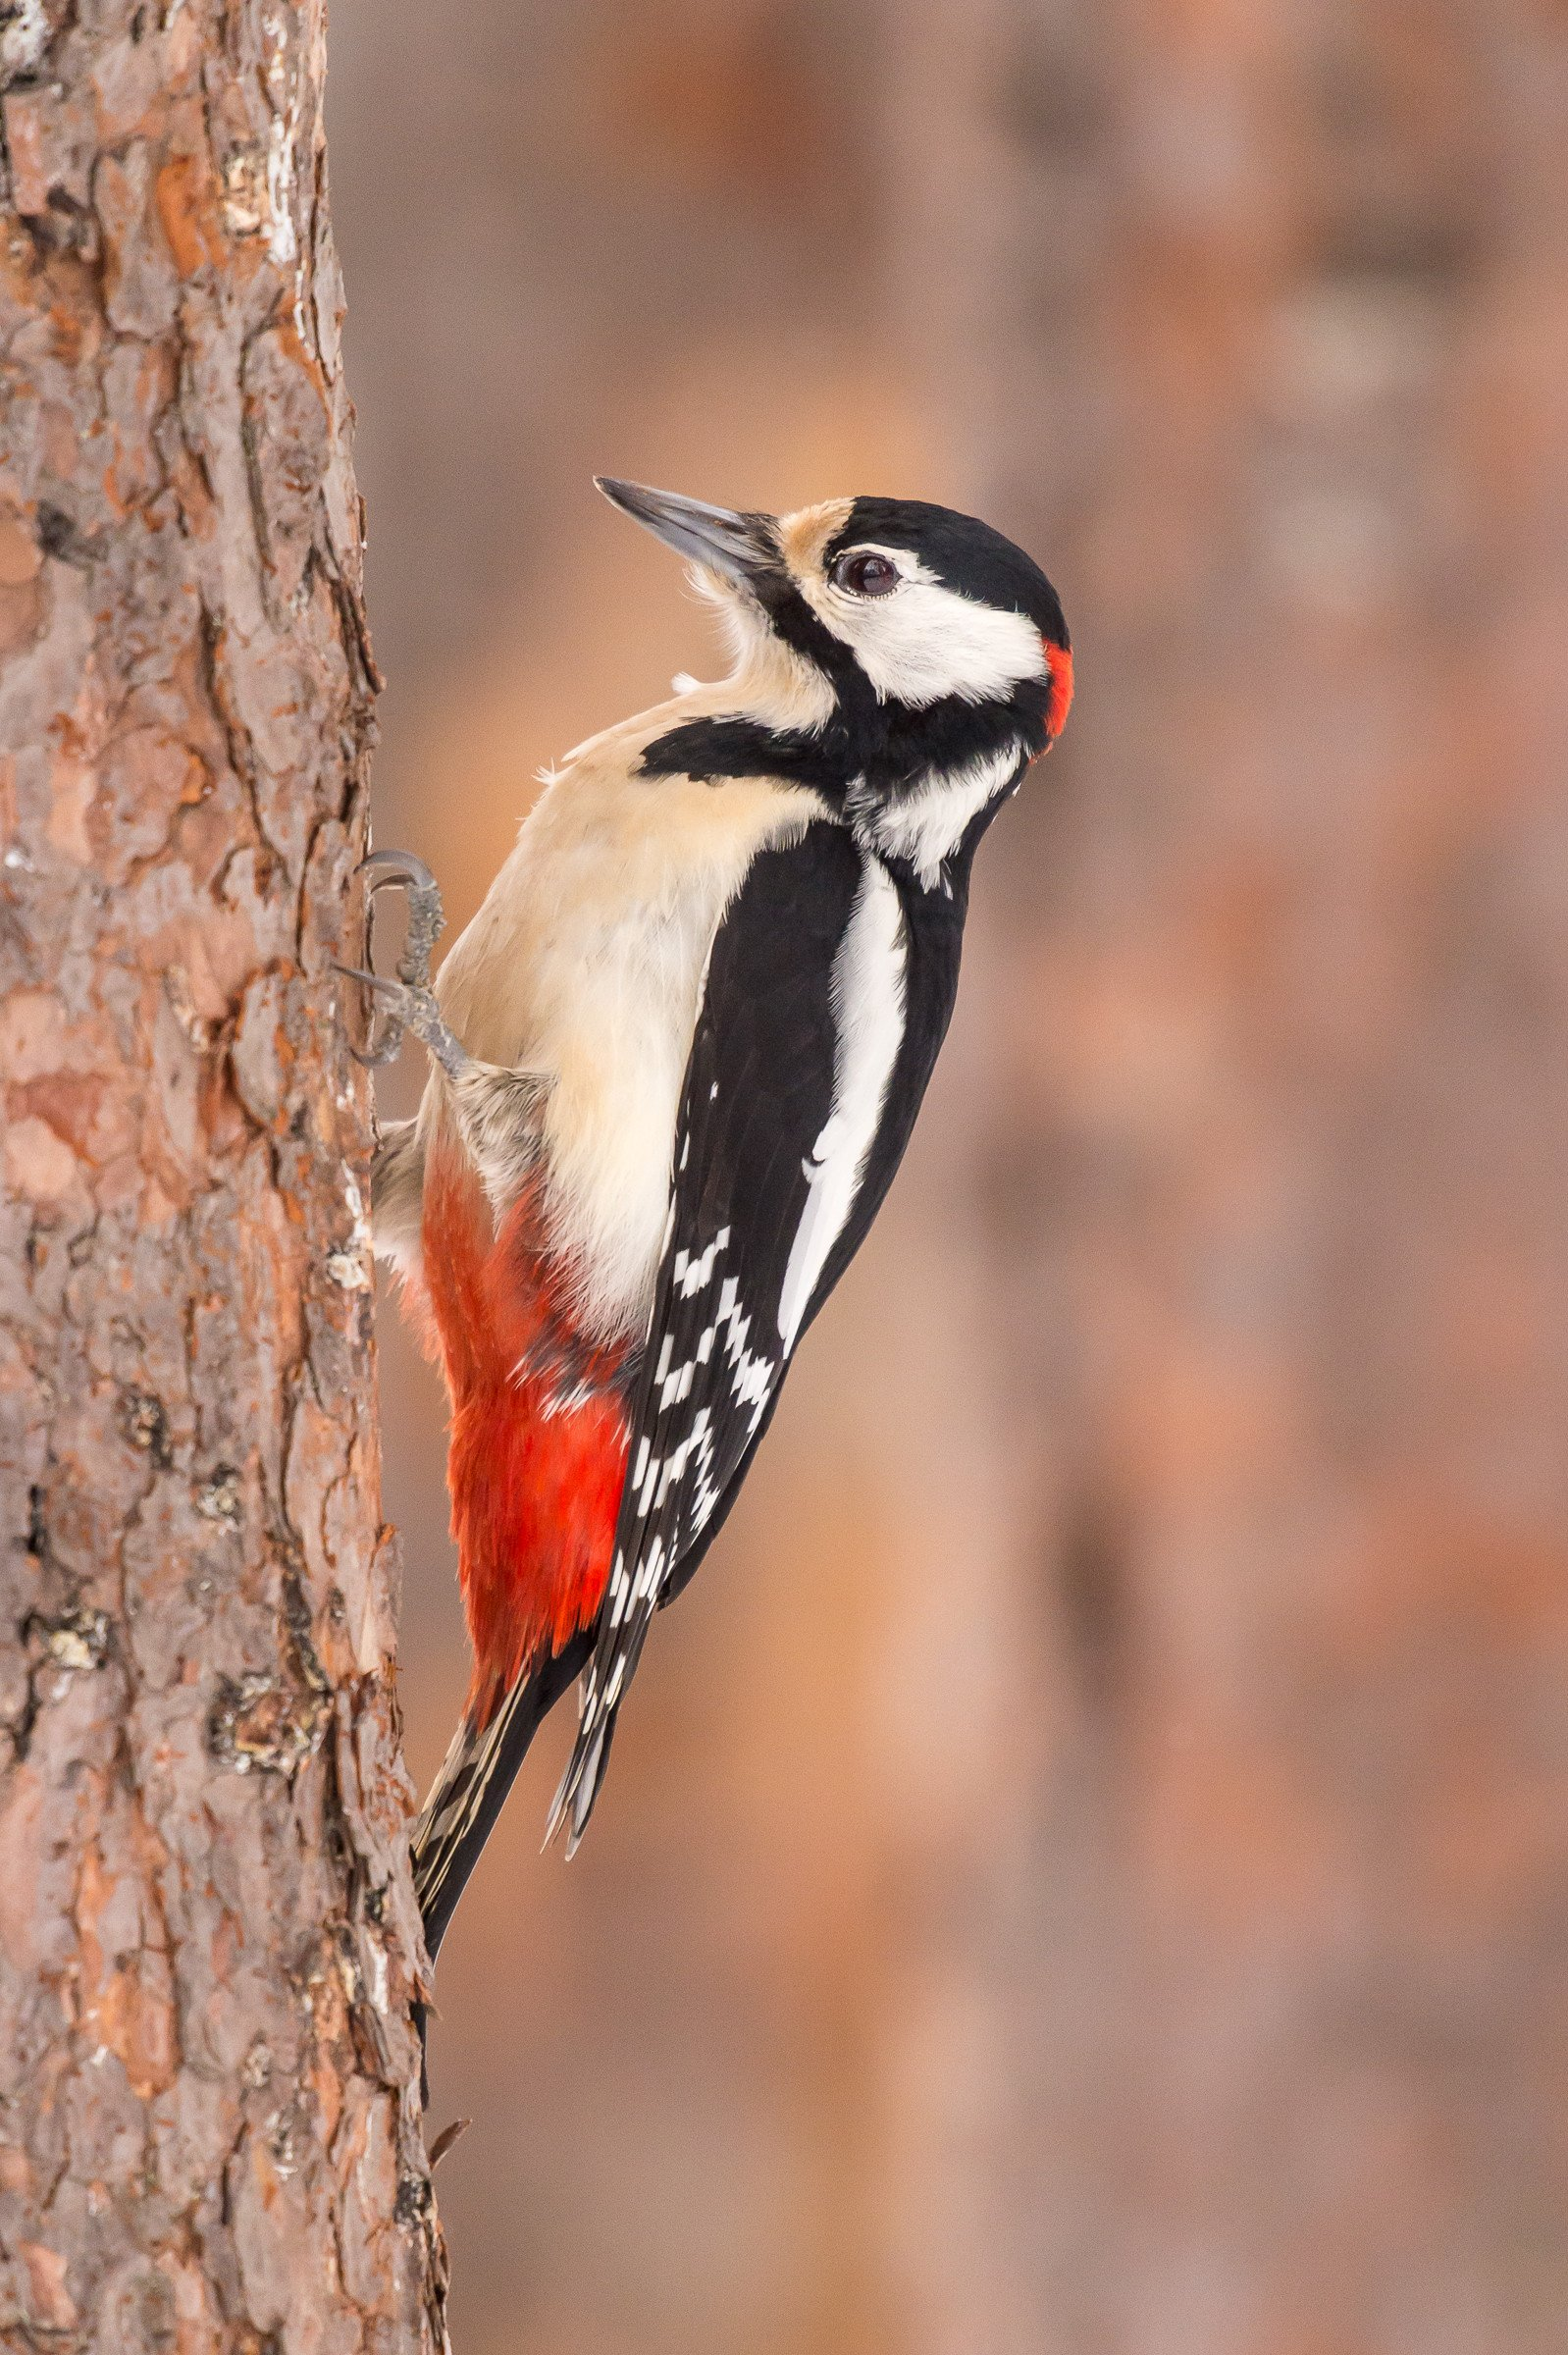 vogels bos 3380